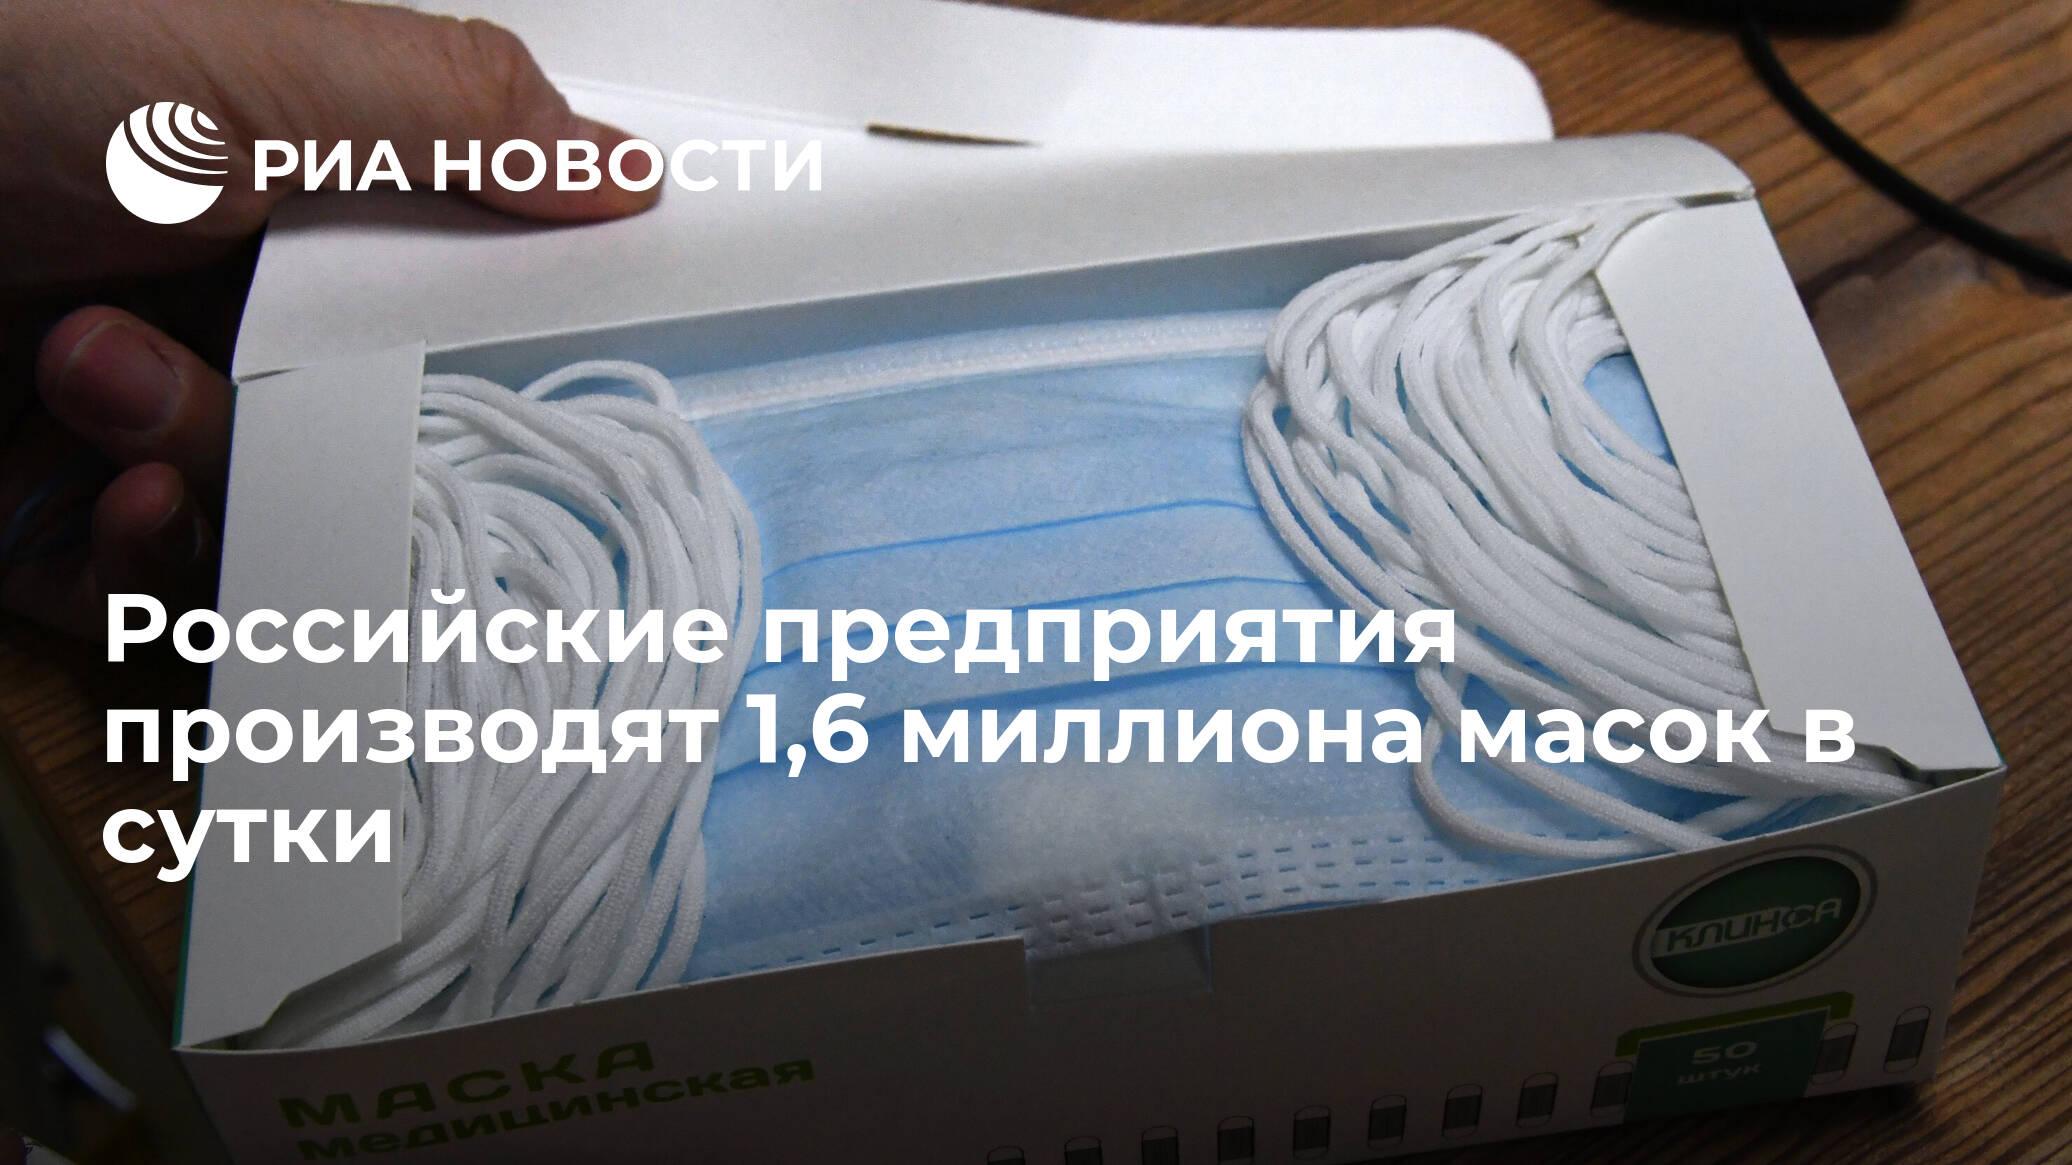 Российские предприятия производят 1,6 миллиона масок в сутки